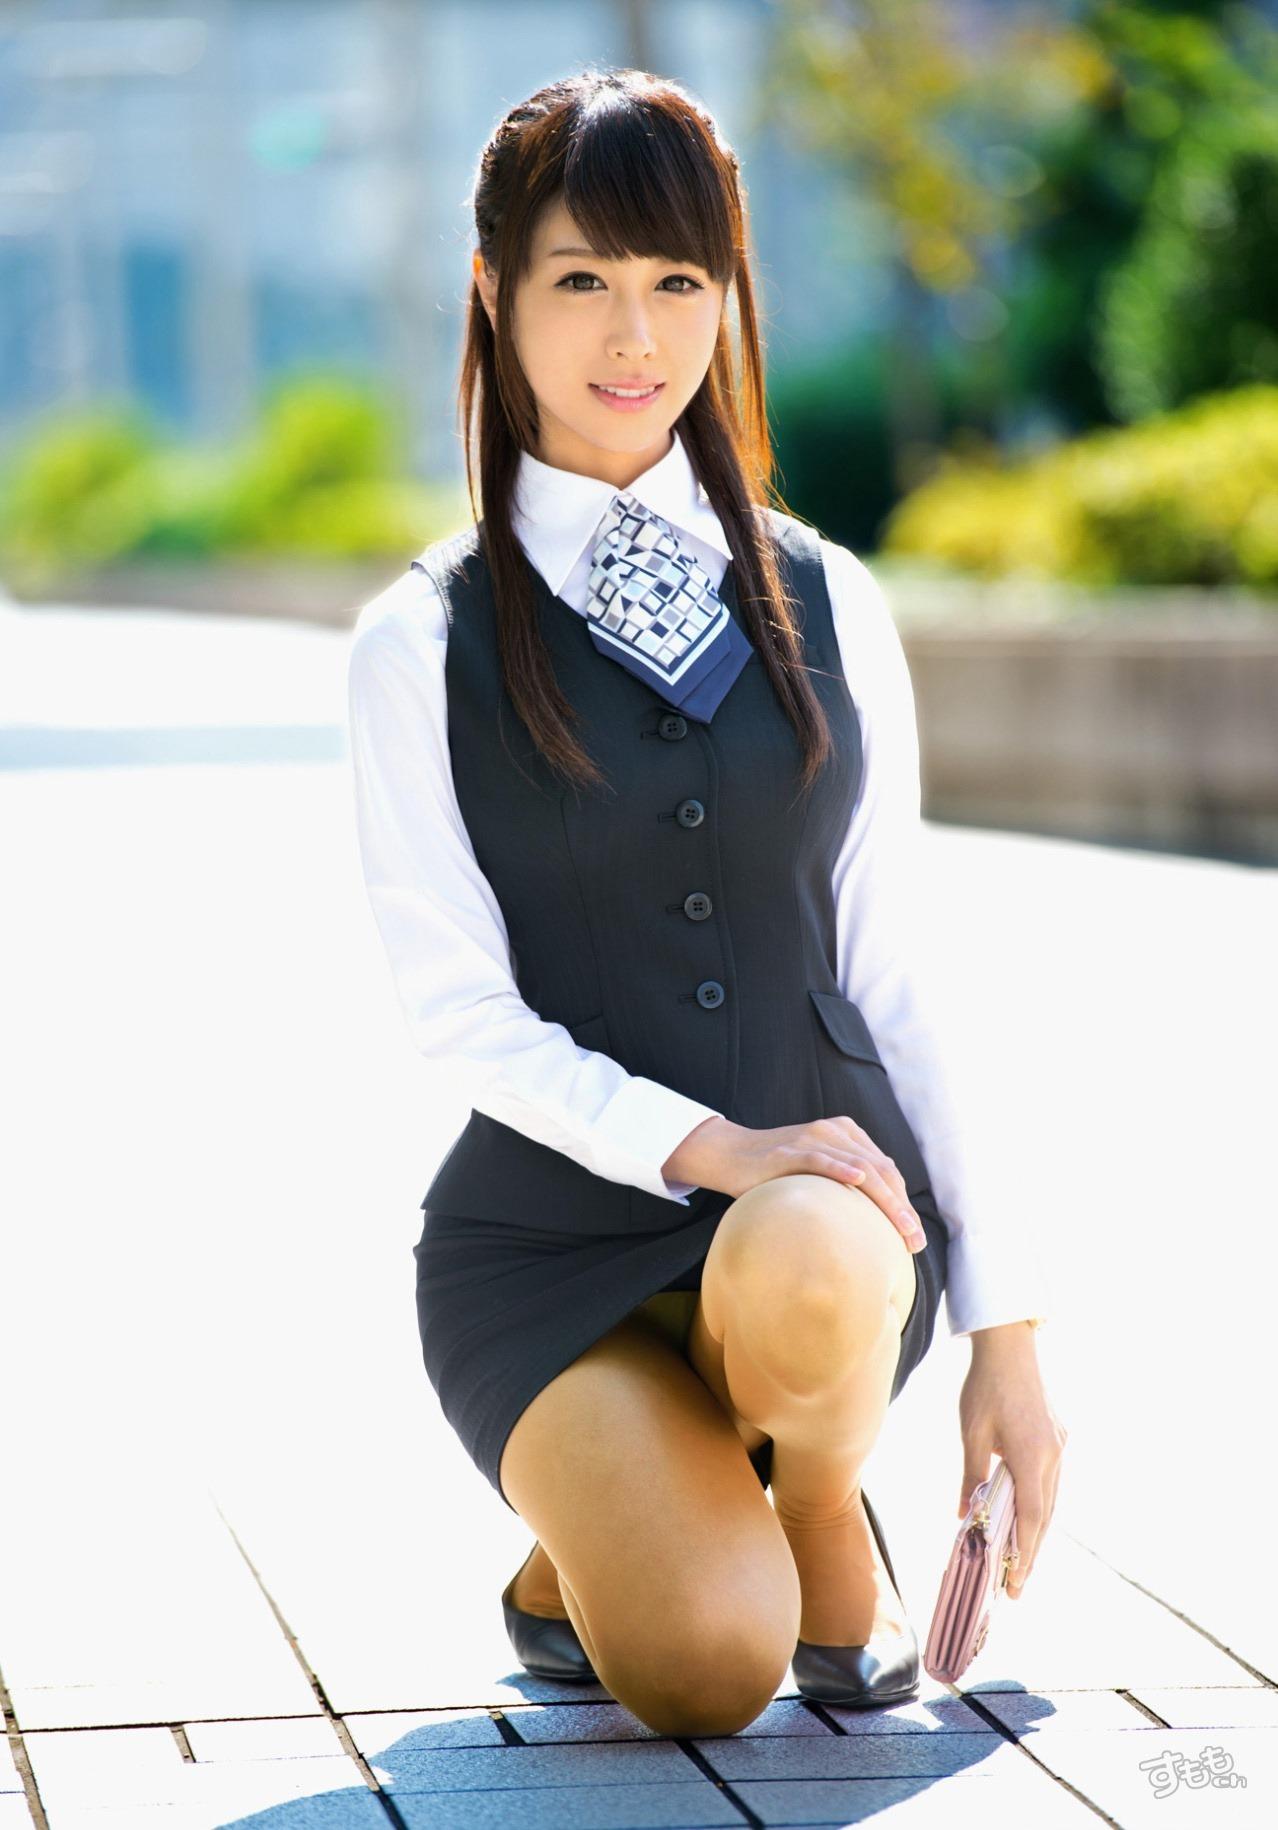 三次元 3次元 OL スーツ エロ画像 べっぴん娘通信 24